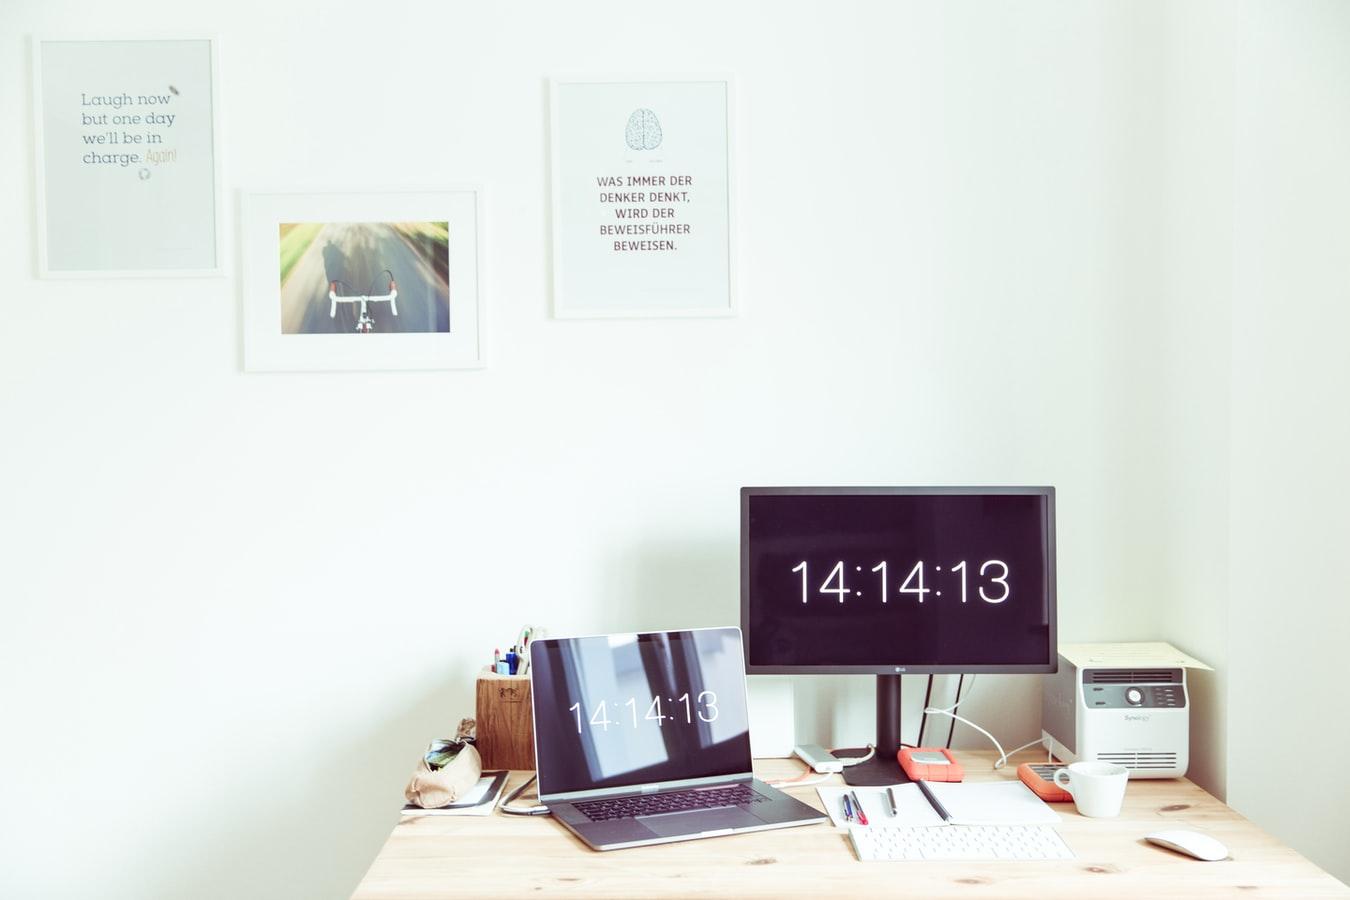 Le site internet pour entreprise et le chatbot, une nécessité aujourd'hui